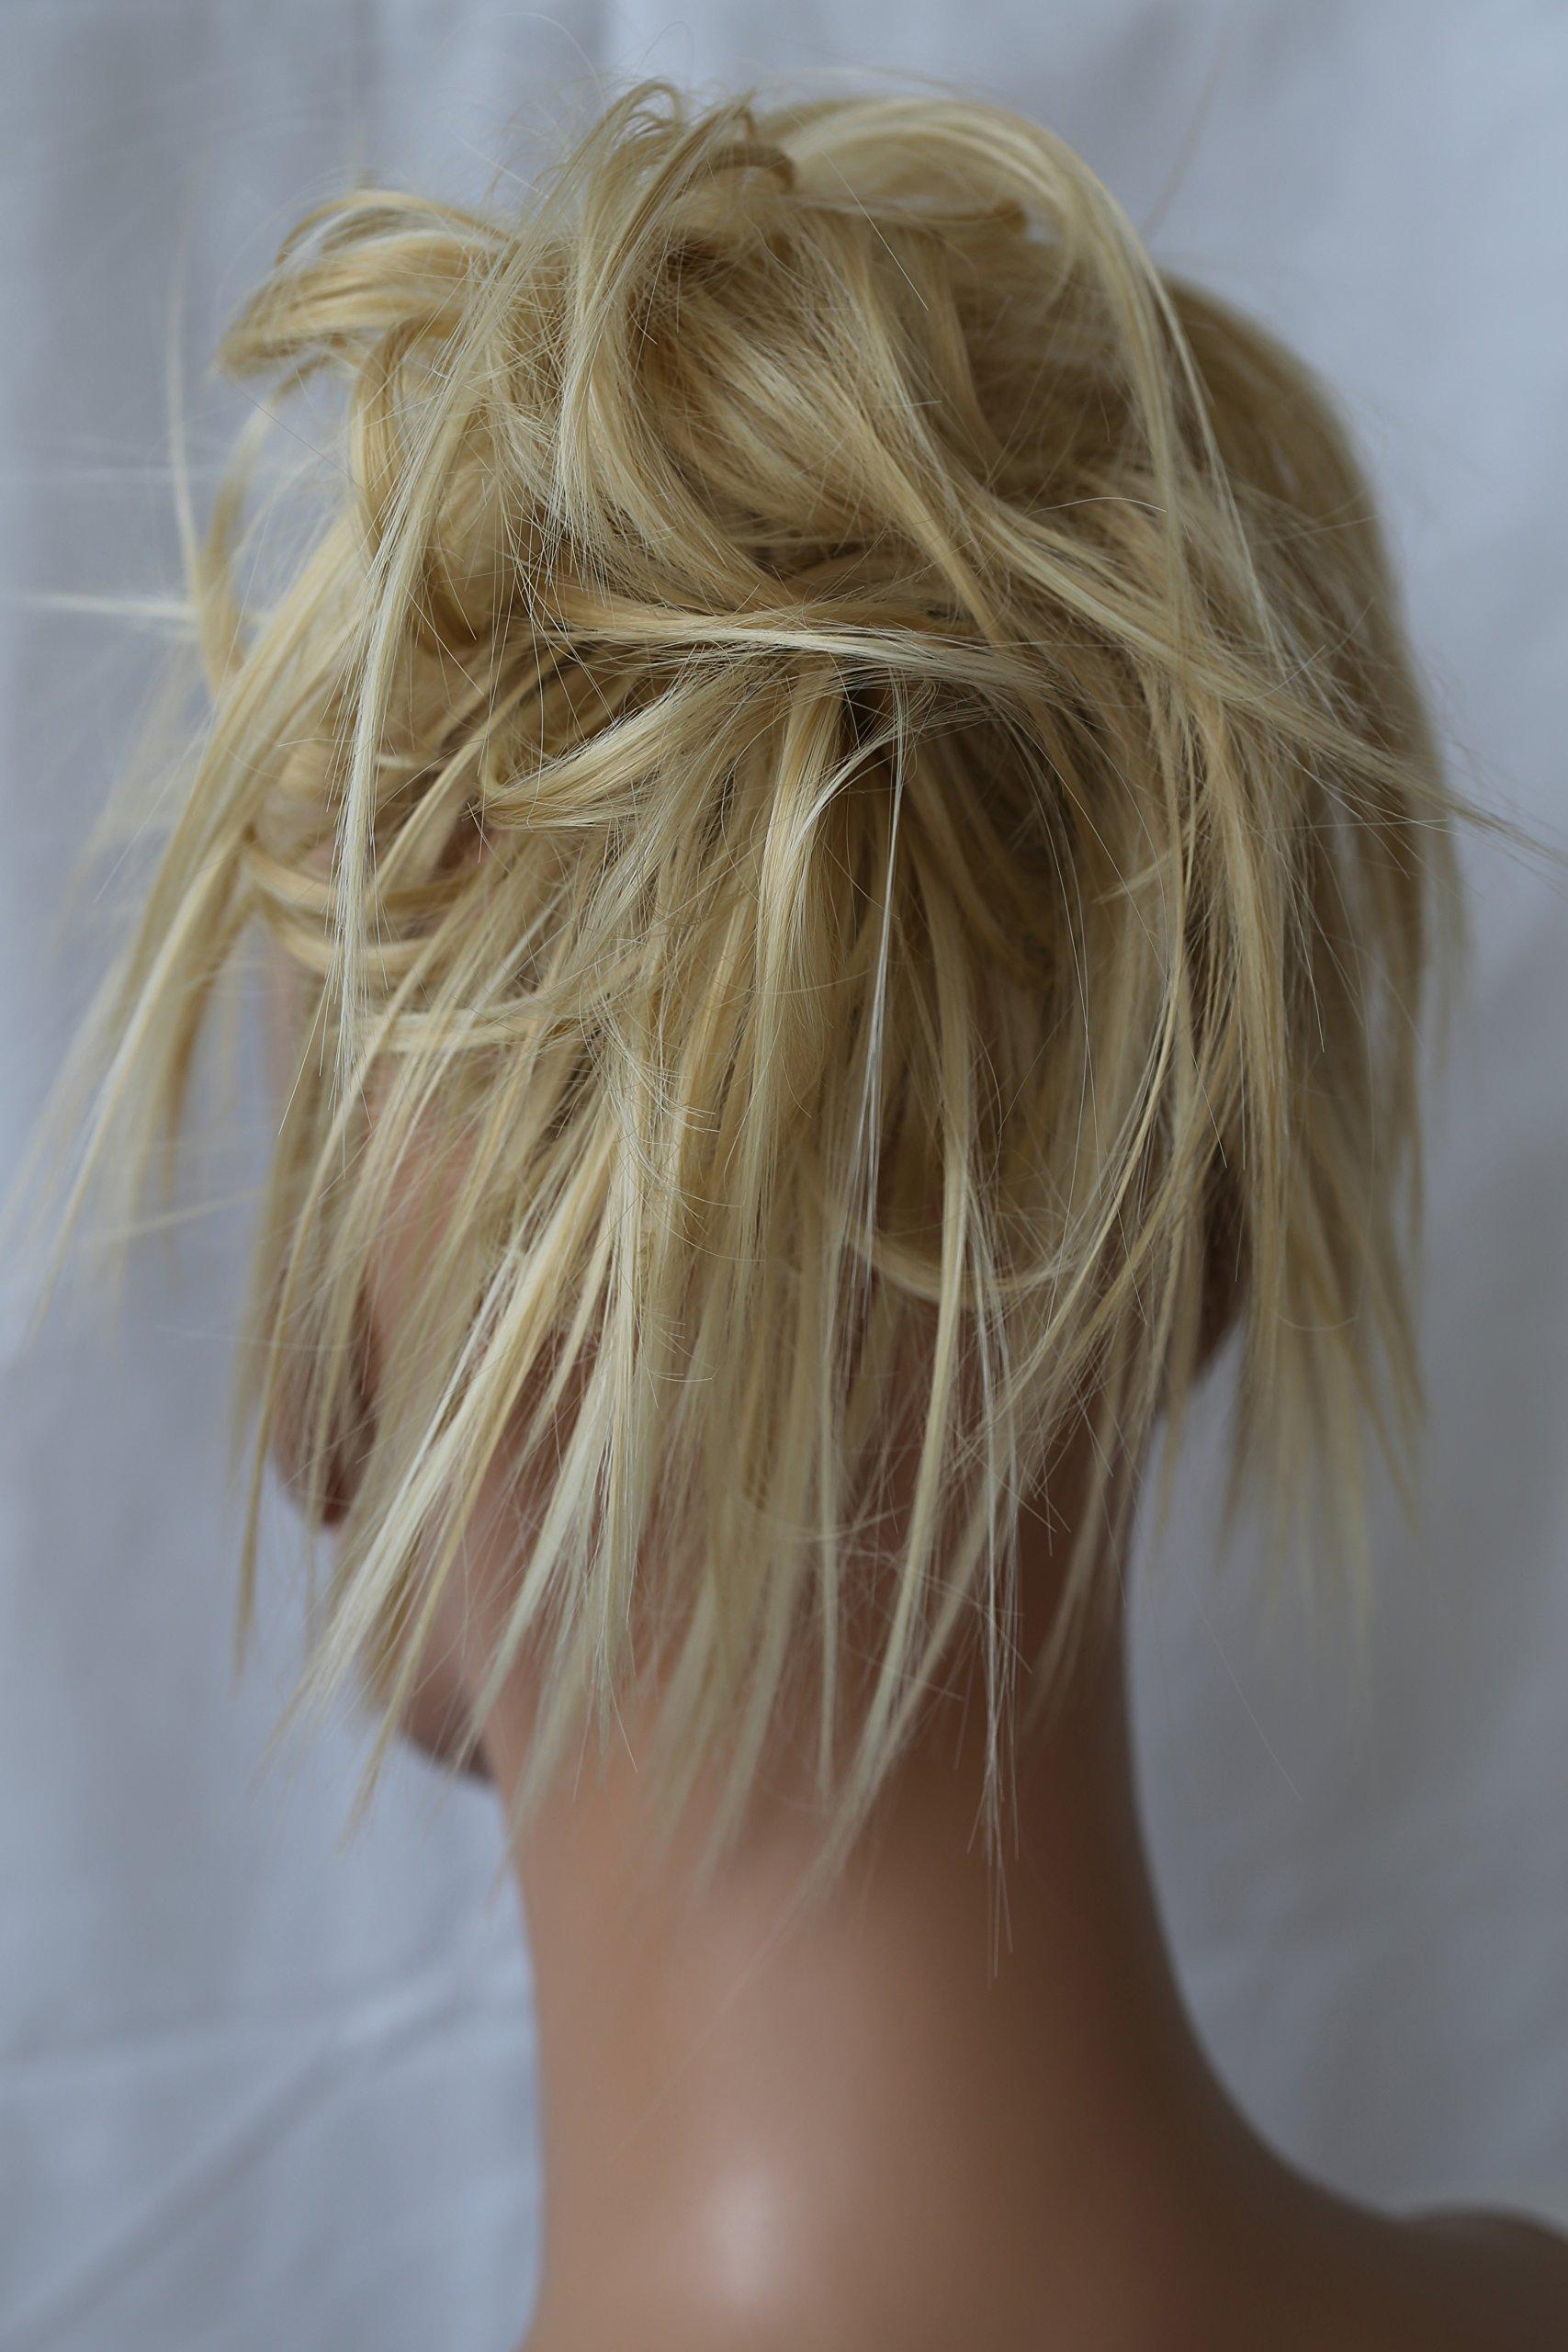 PRETTYSHOP Hairpiece Hair Rubber Scrunchie Scrunchy Updos VOLUMINOUS Wavy Messy Bun light blonde mix #15H613A G22F by Prettyshop Hairpiece